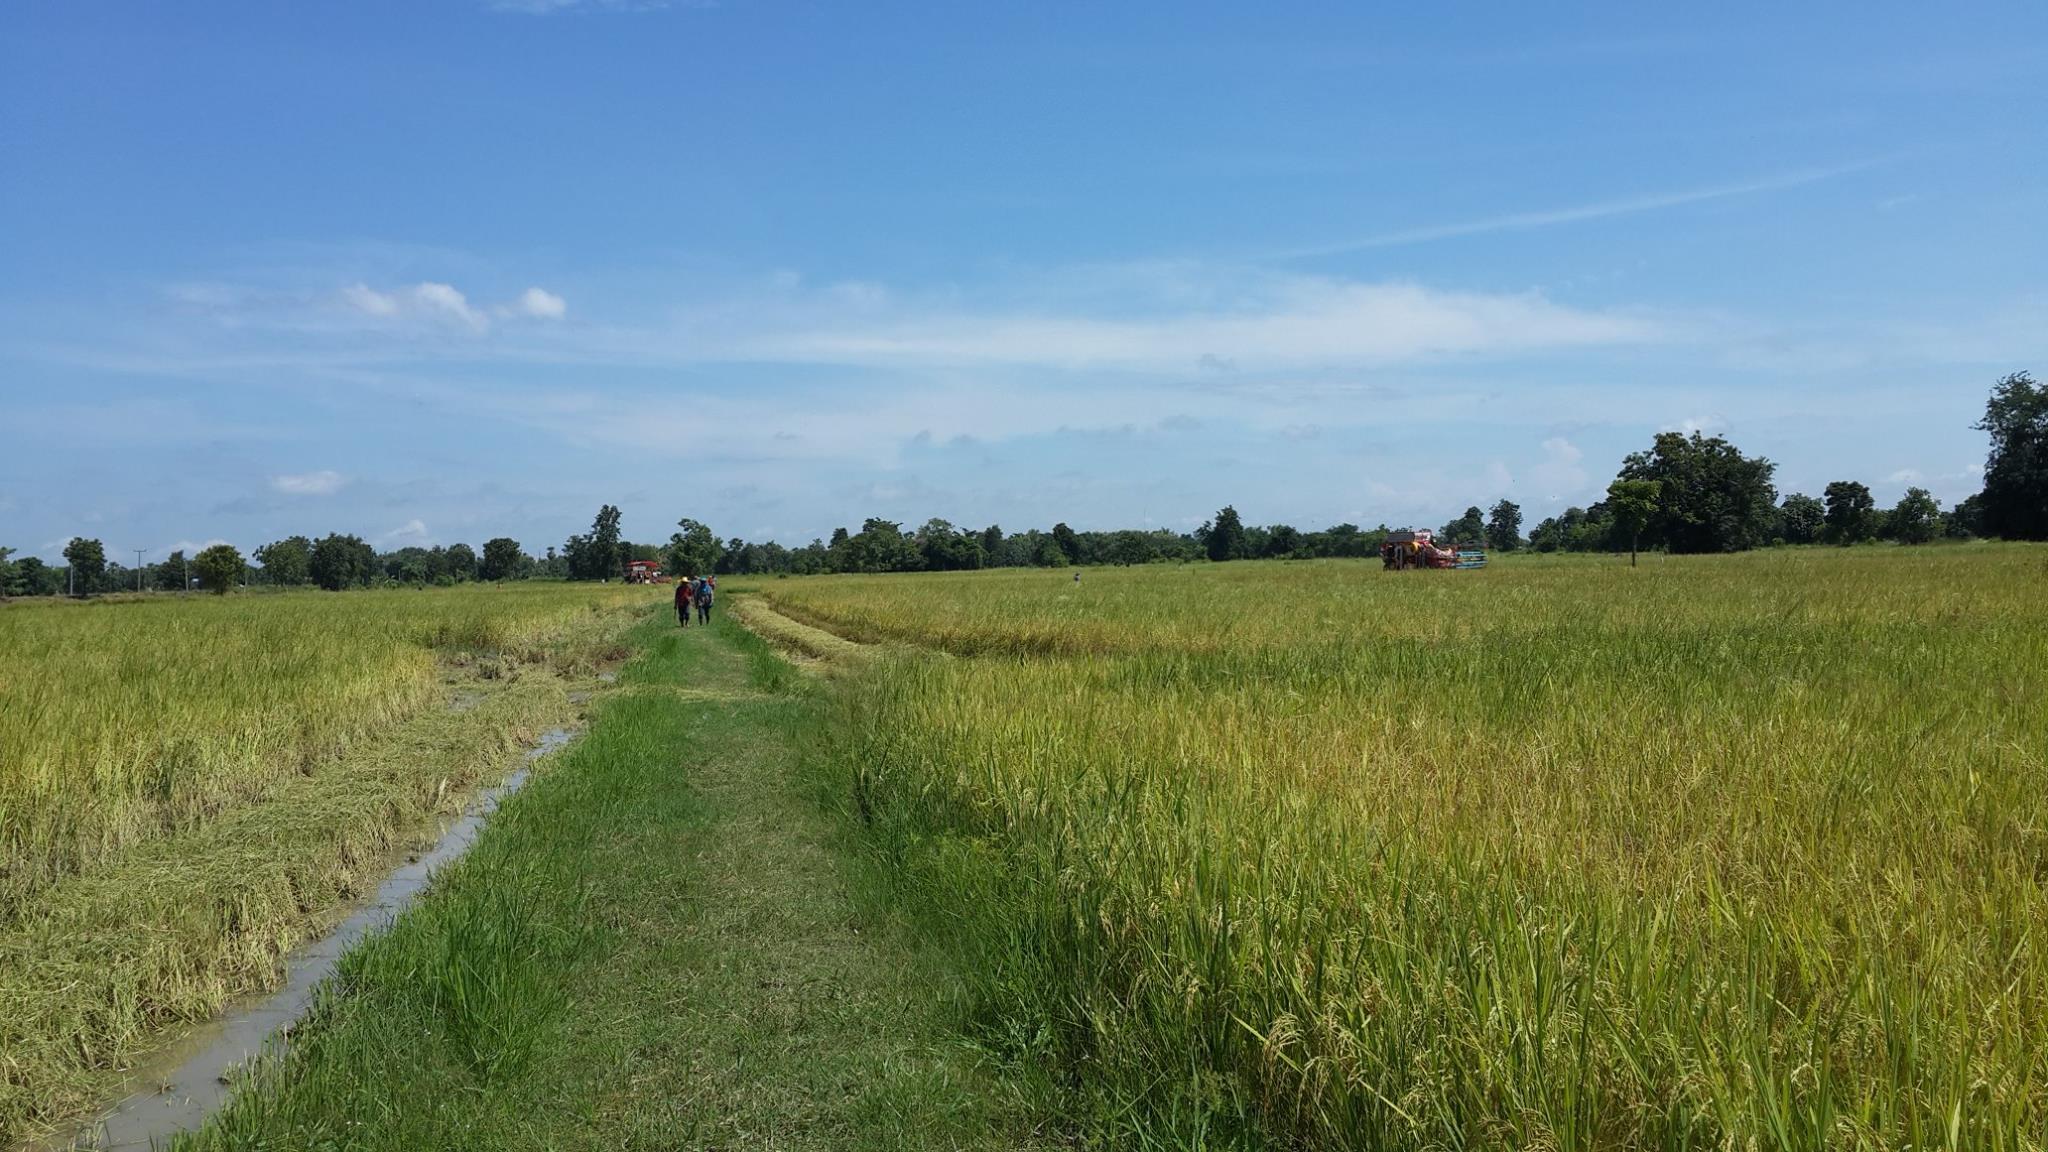 ขายที่ดิน ทำการเกษตร อุตสาหกรรม ติดถนน 4 เลน เมือง สุโขทัย